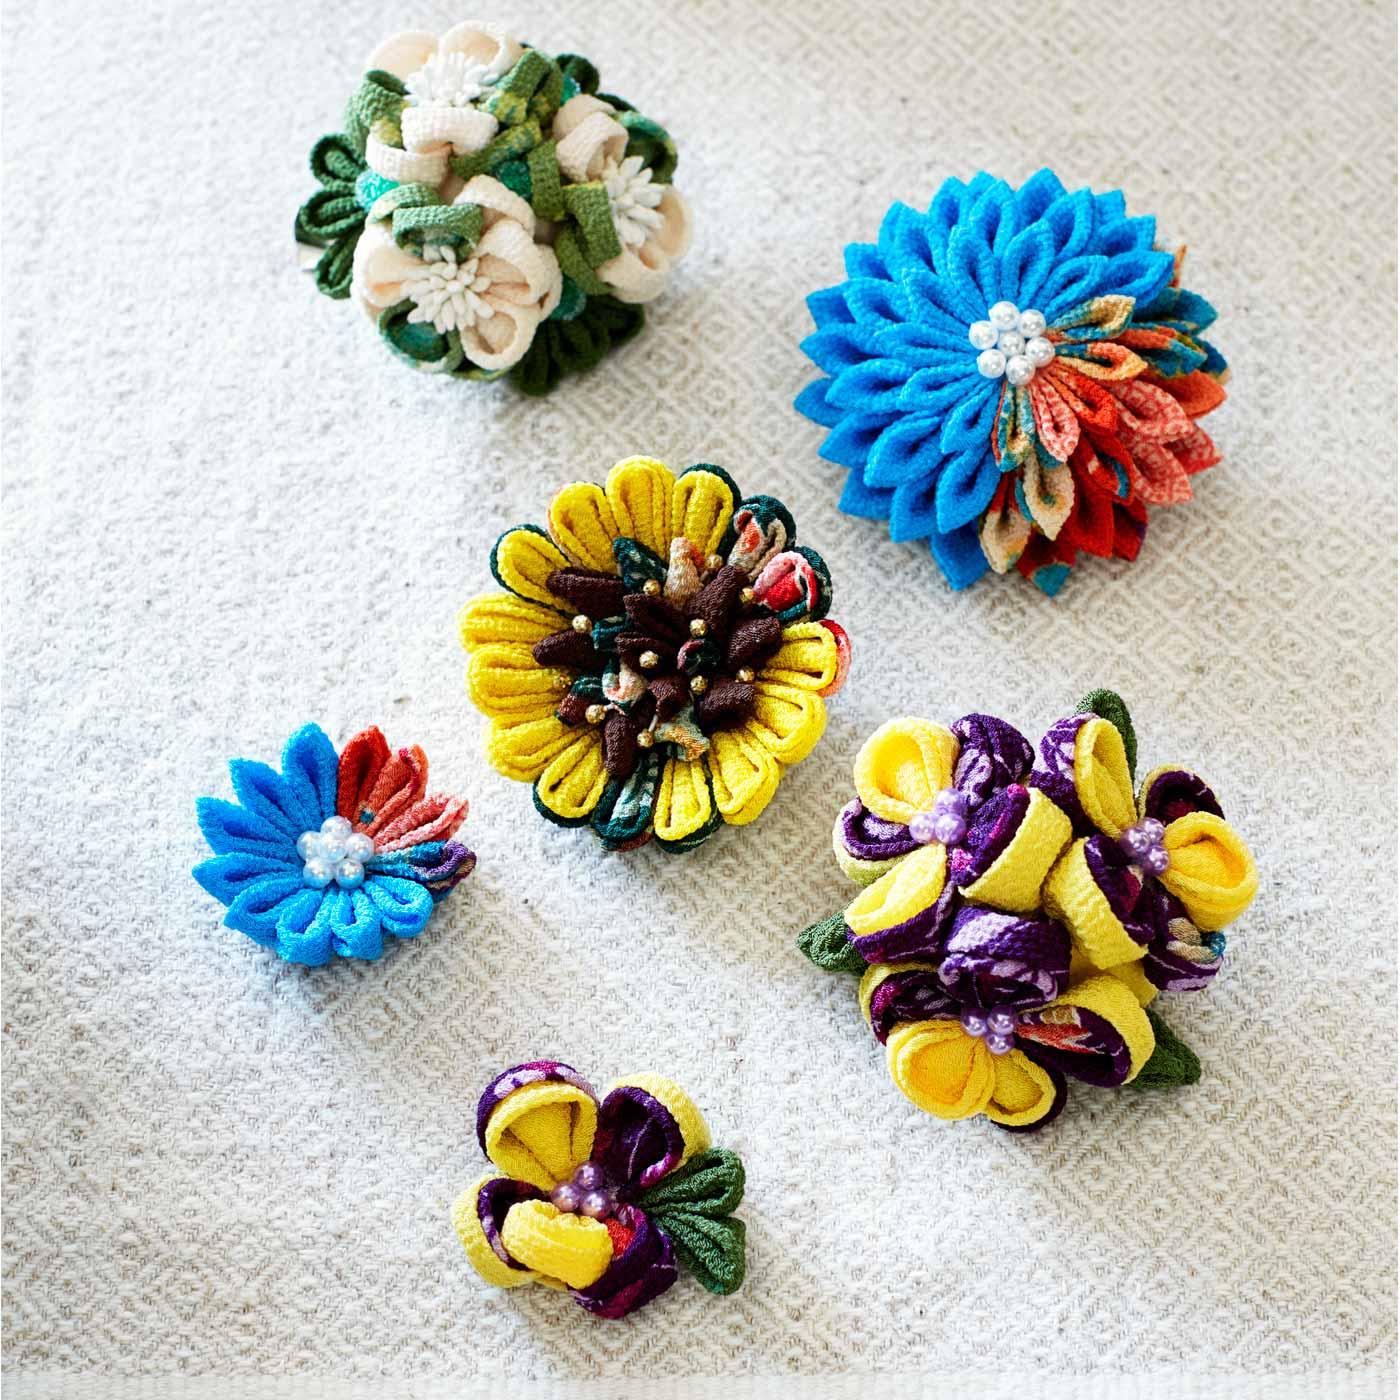 フェリシモ 和洋折衷 世界の国花をちりめんで咲かせた つまみ細工の会